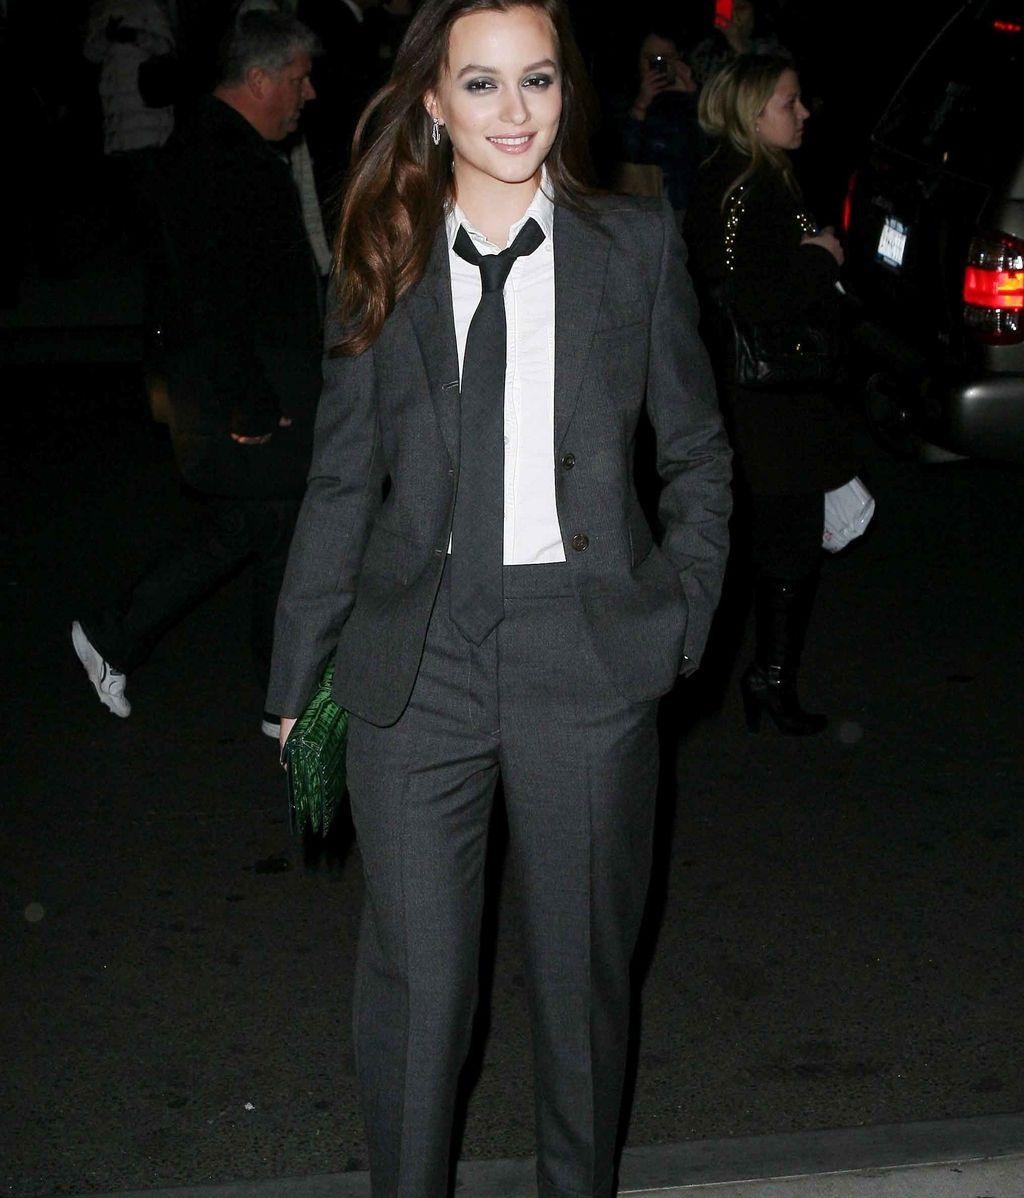 Traje de chaqueta negro y corbata, el estilo de Leighton Messter